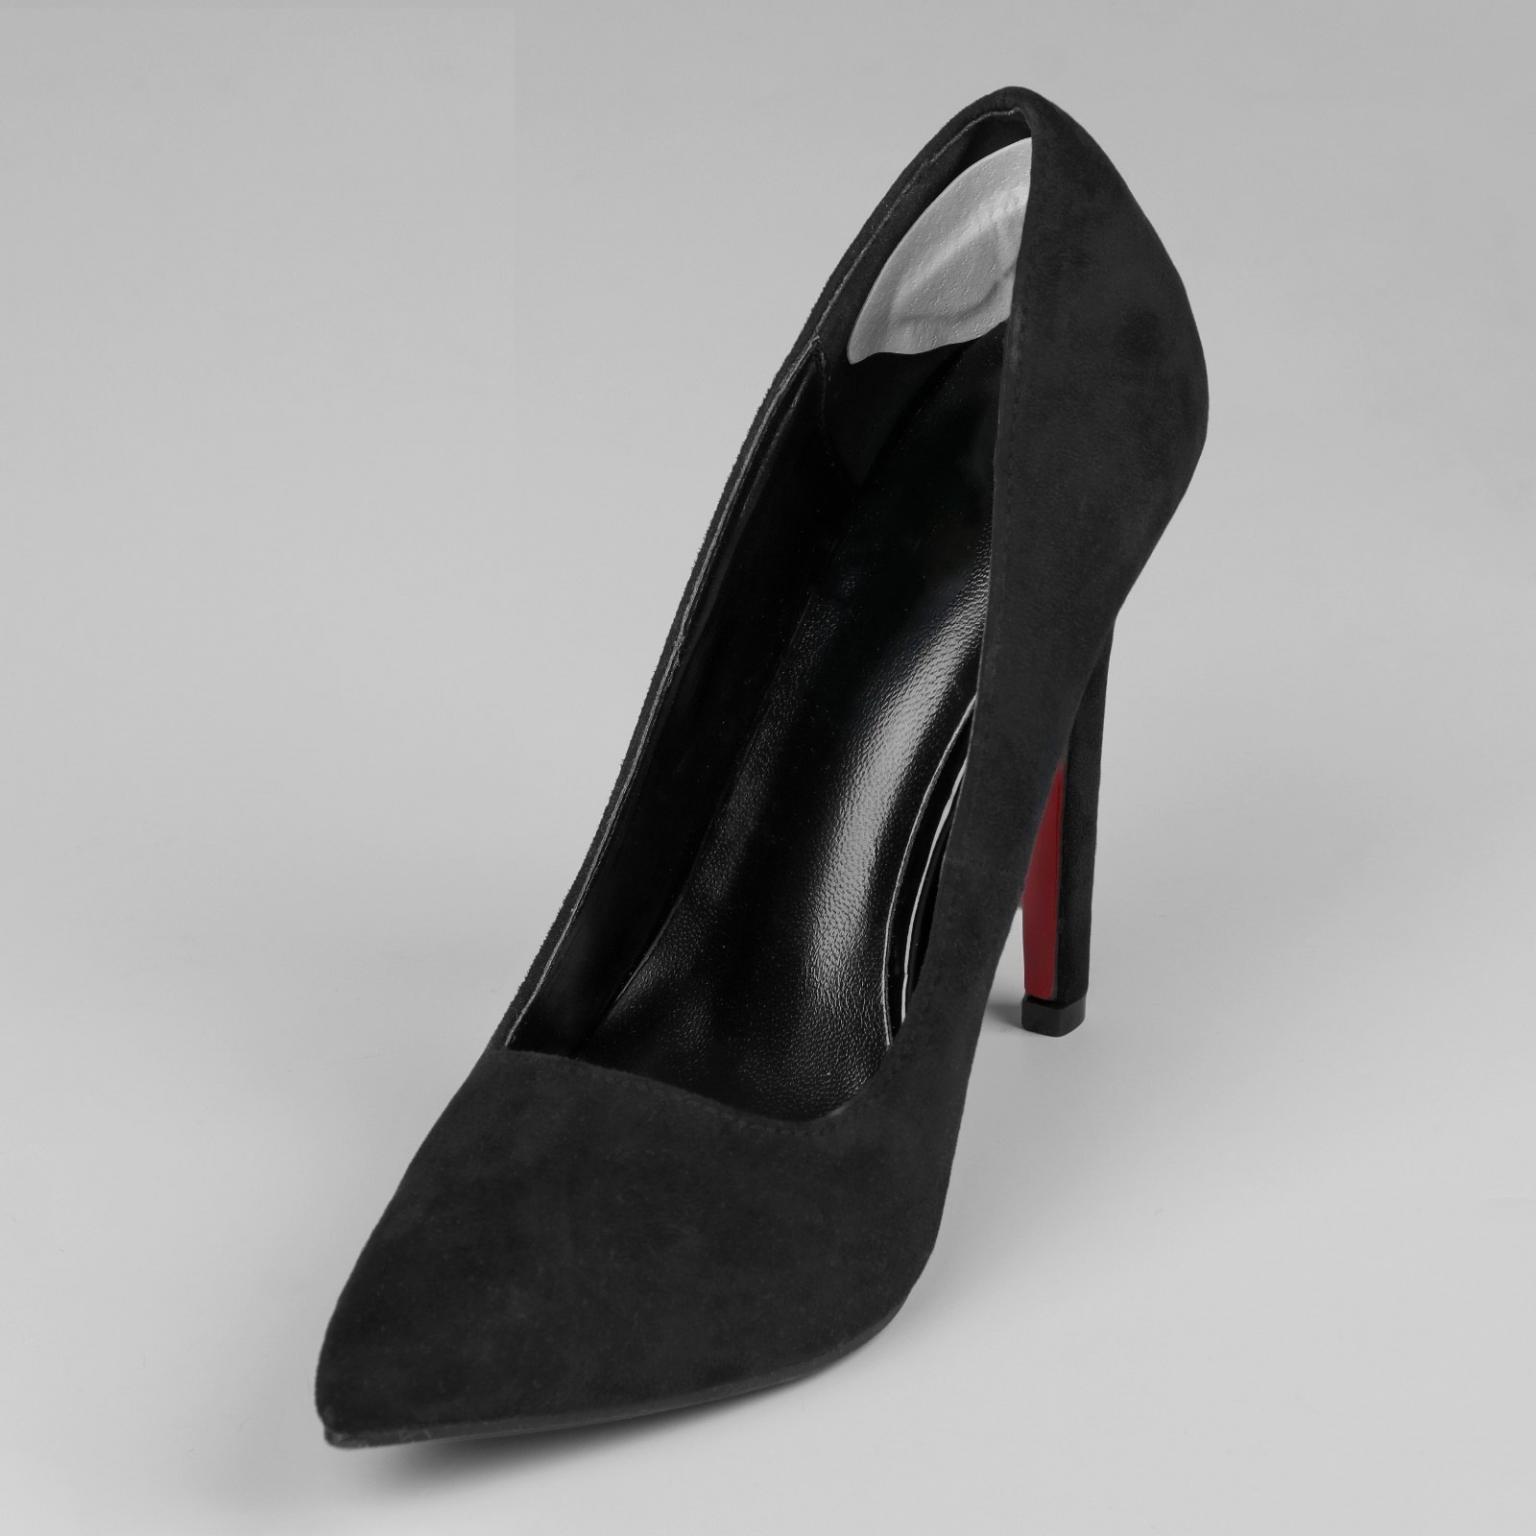 Пяткоудерживатели для обуви, на клеевой основе, пара, цвет белый